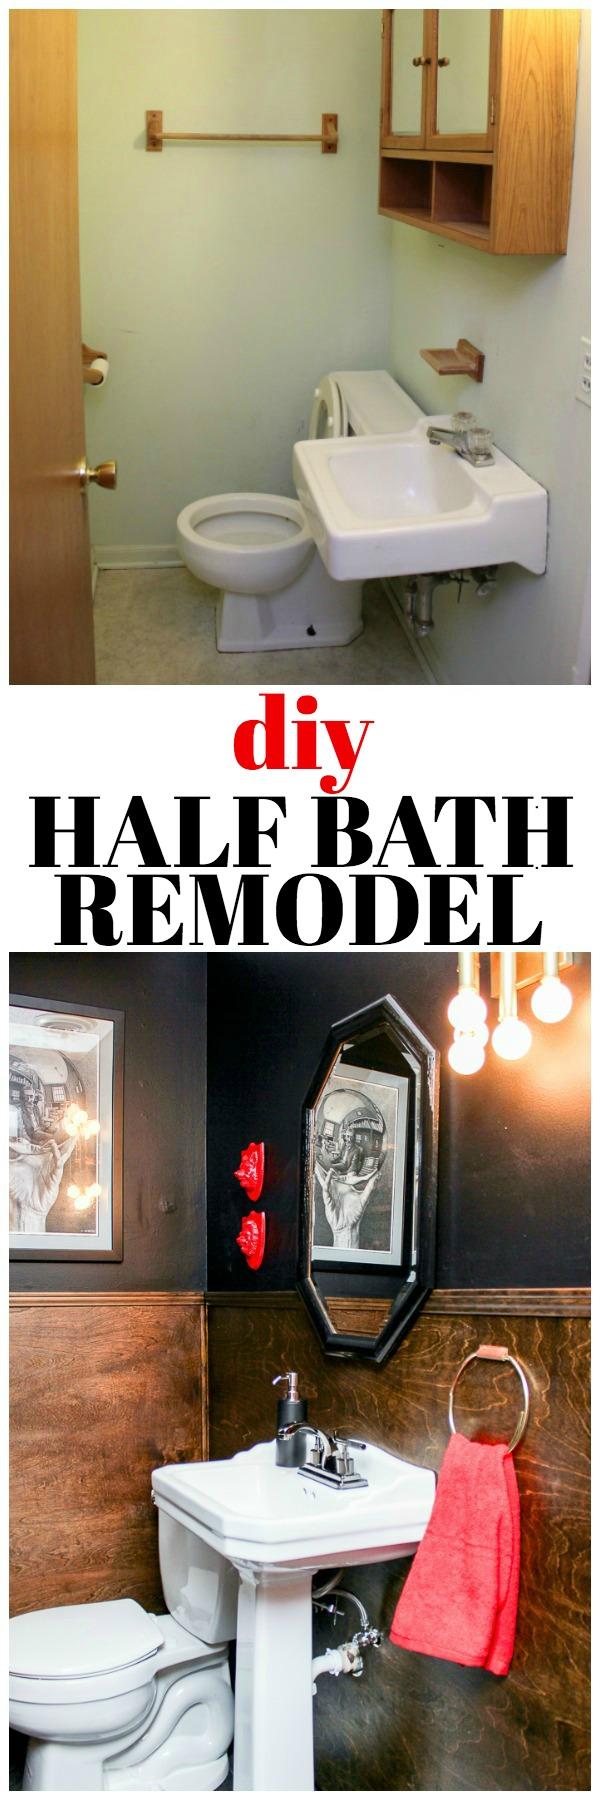 Diy Half Bath Remodel